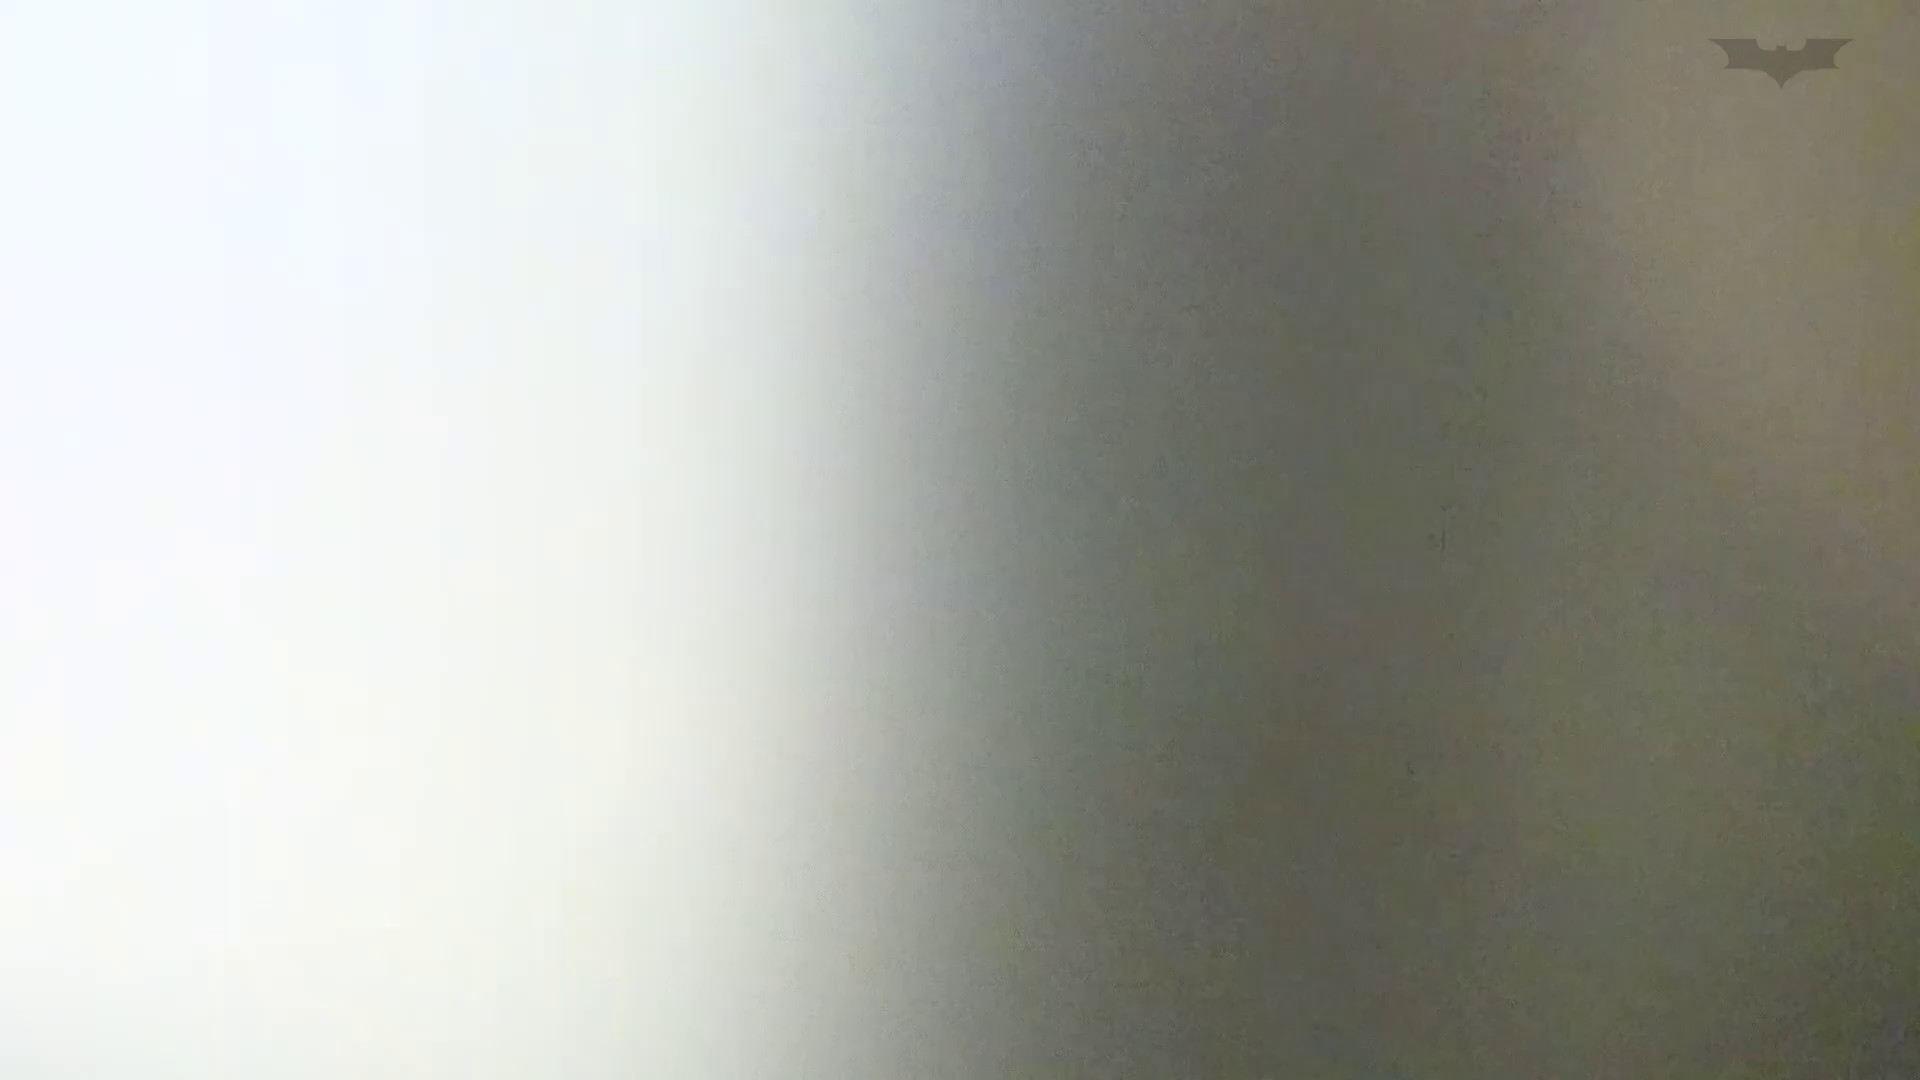 化粧室絵巻 ショッピングモール編 VOL.17 細身体型 すけべAV動画紹介 104枚 69